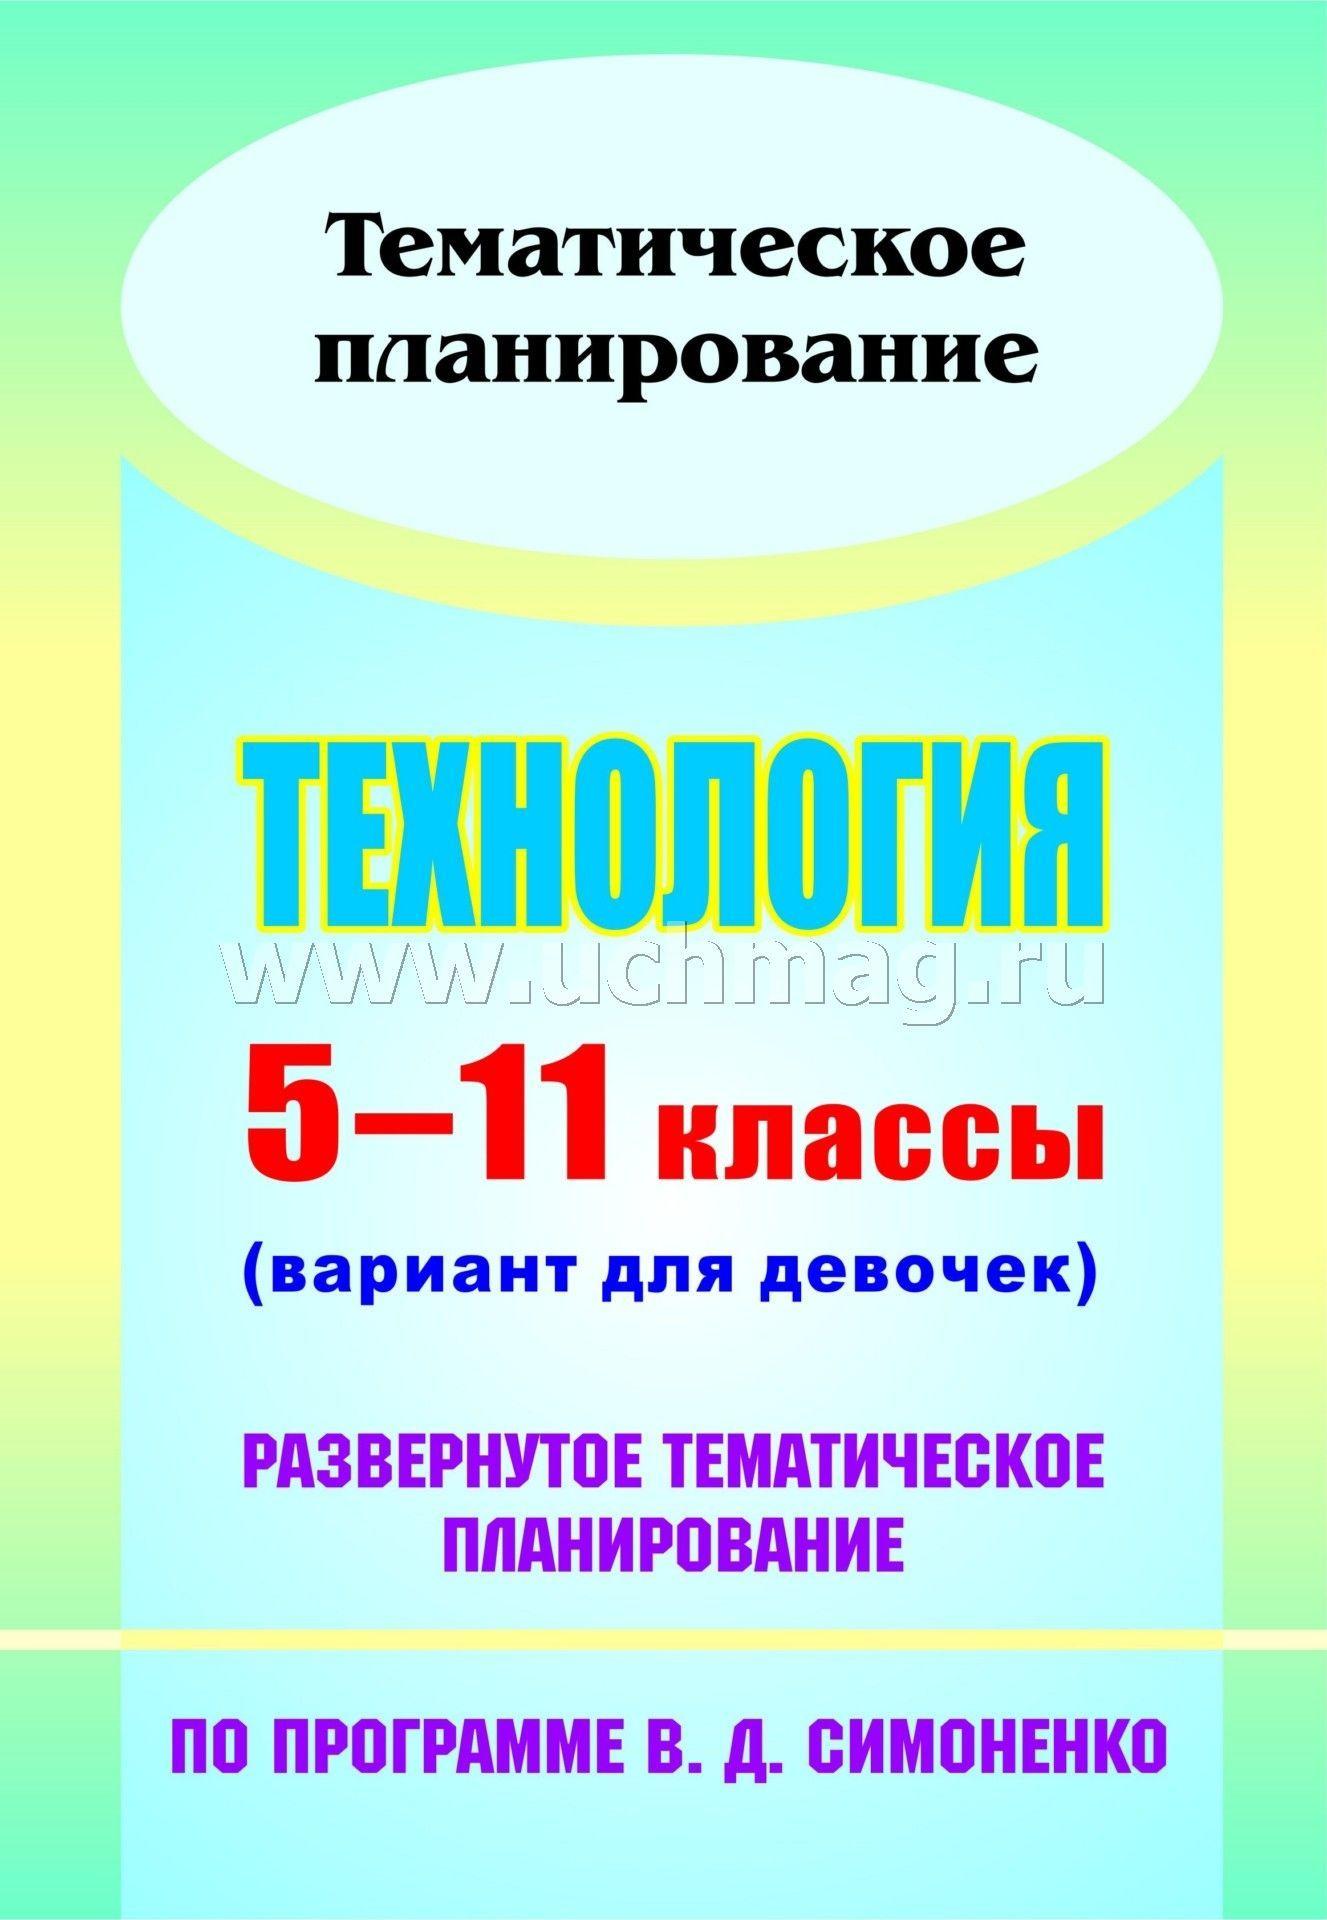 Скачать гдз по химии класс задачник н. е. кузнецова